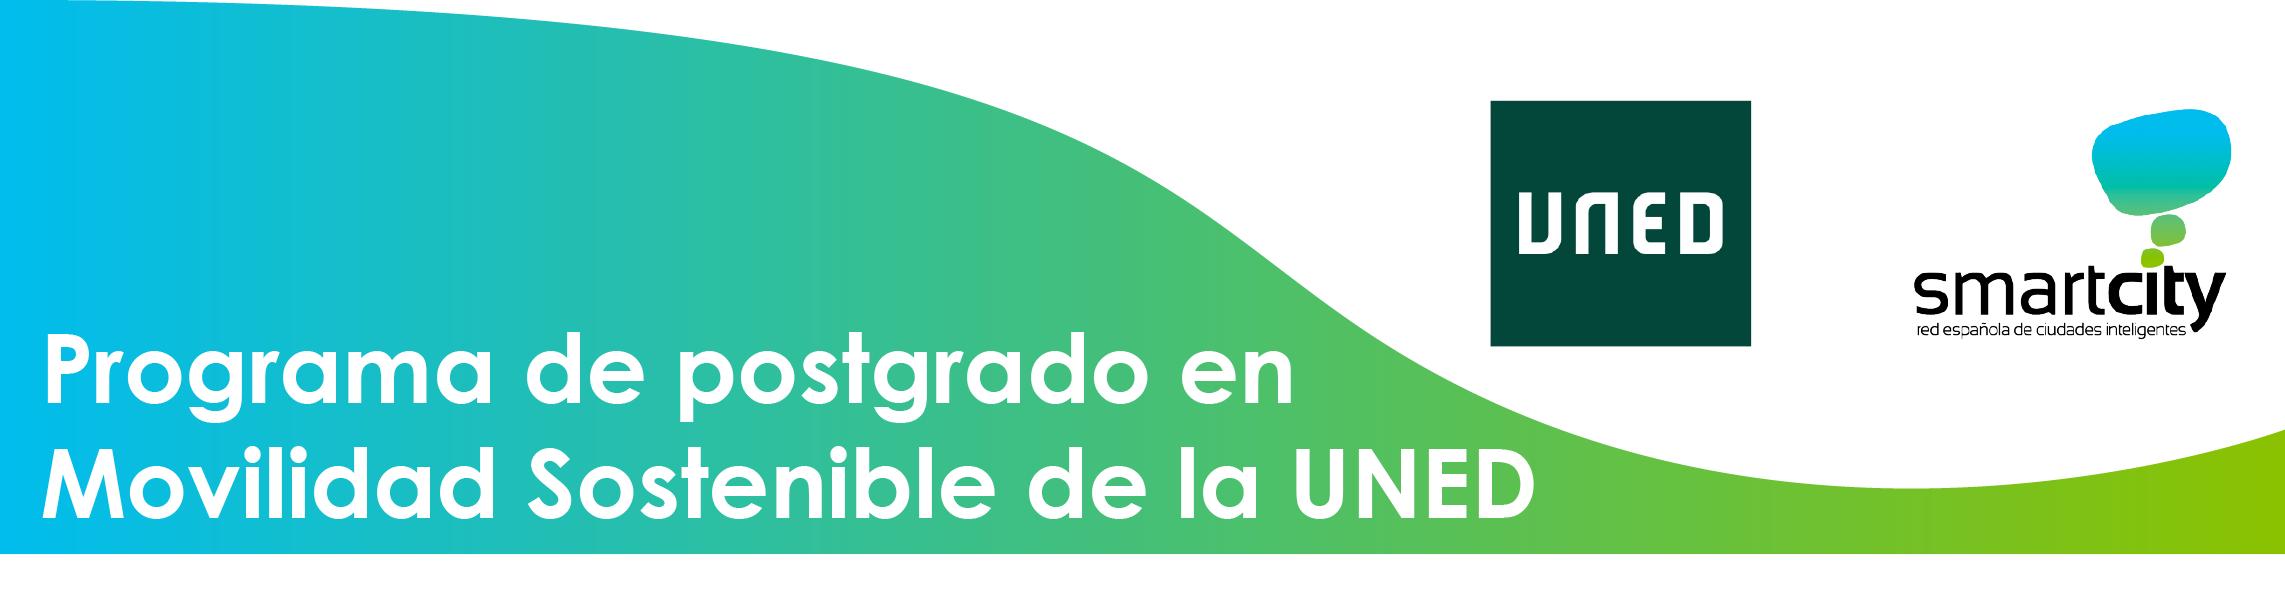 Programa de postgrado en Movilidad Sostenible de la UNED